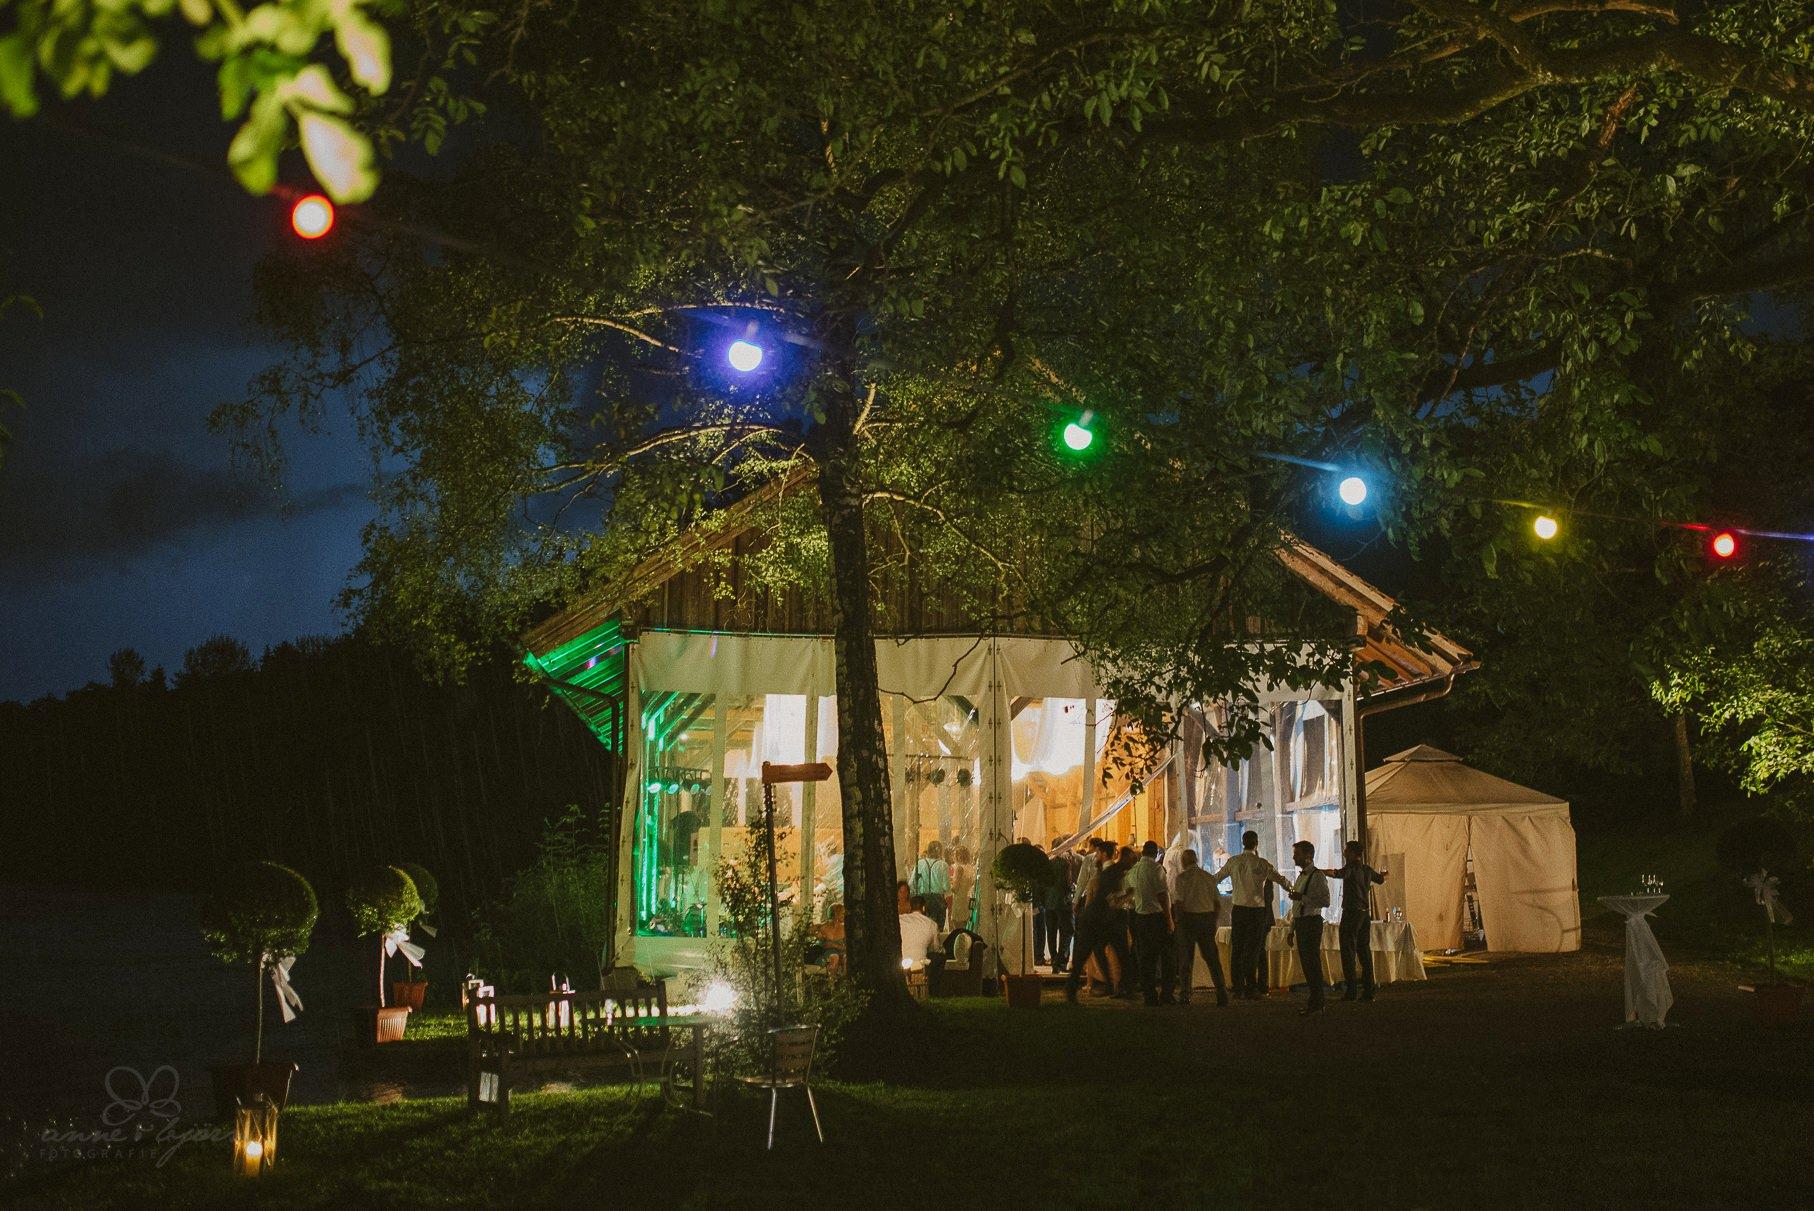 0134 anne und bjoern hochzeit schweiz d75 2354 - DIY Hochzeit in der Schweiz - Sabrina & Christoph